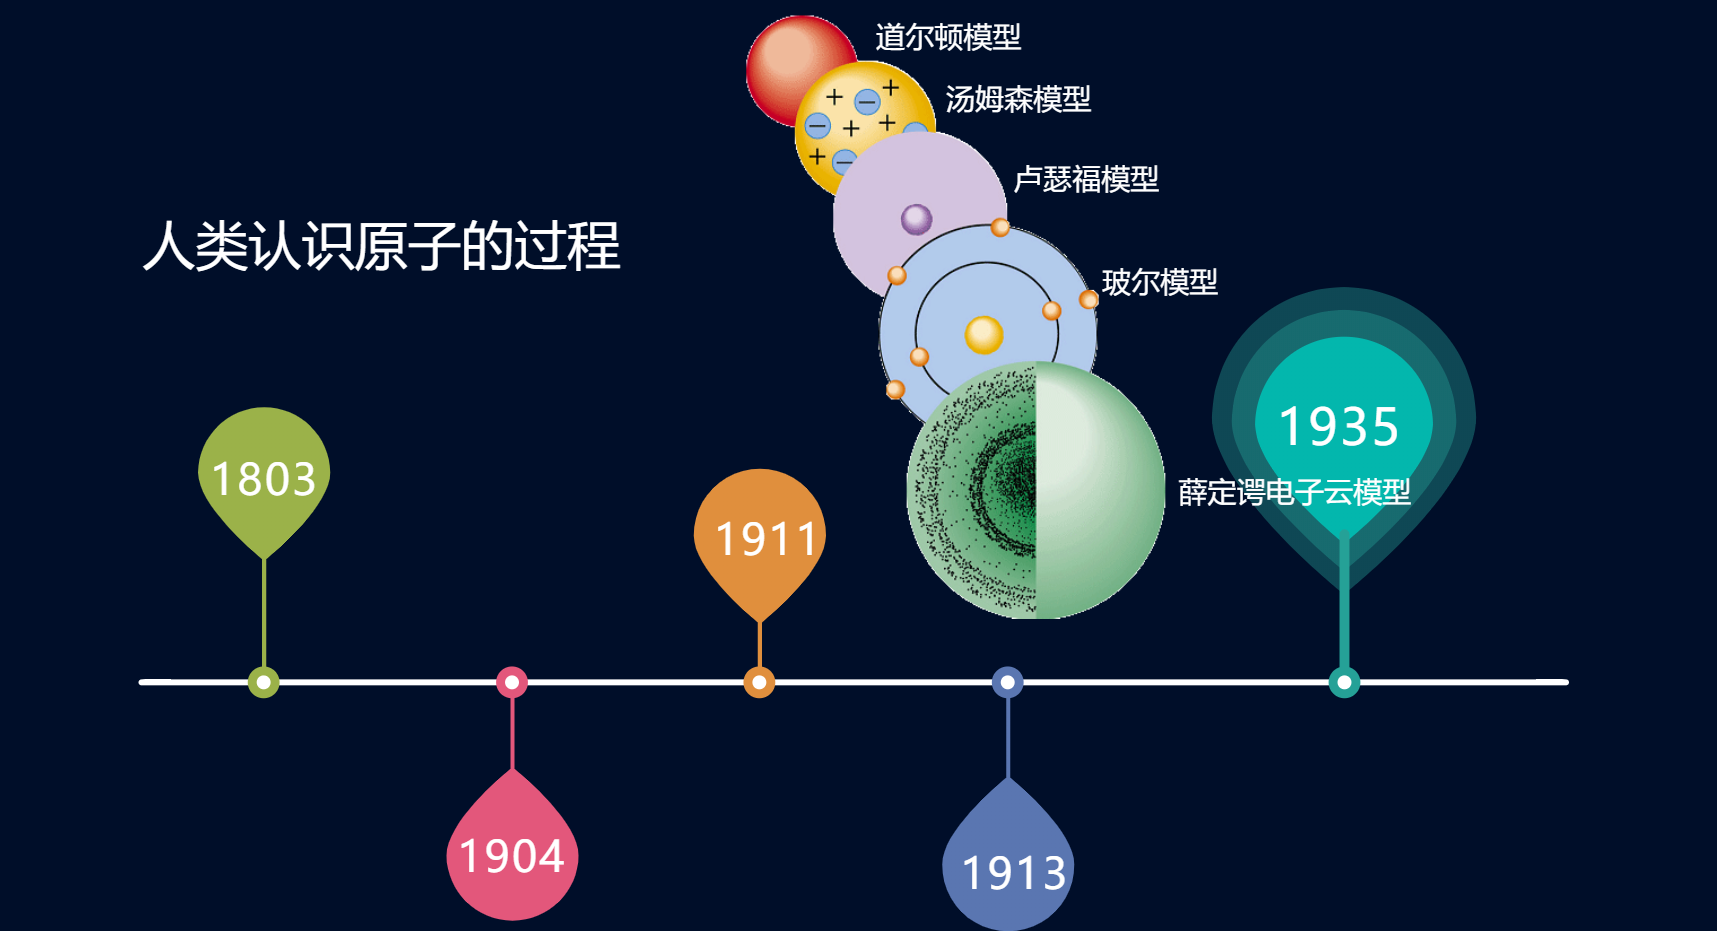 汤姆孙的原子结构模型卢瑟福的原子结构模型,氢原子光谱,波尔的原子模型